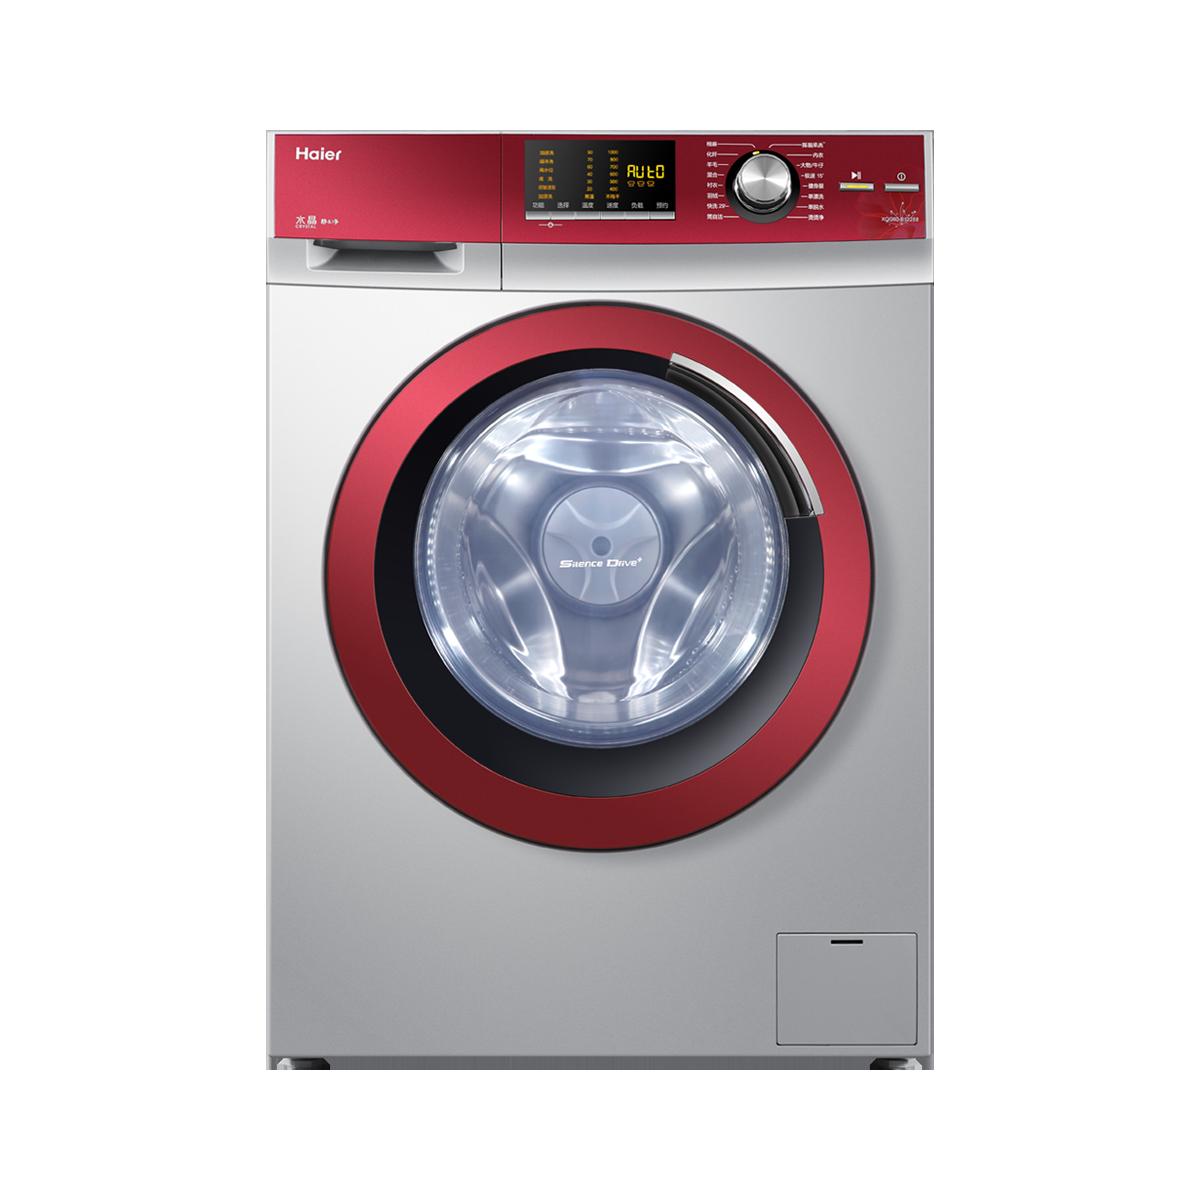 海尔Haier洗衣机 XQG60-B10288 说明书